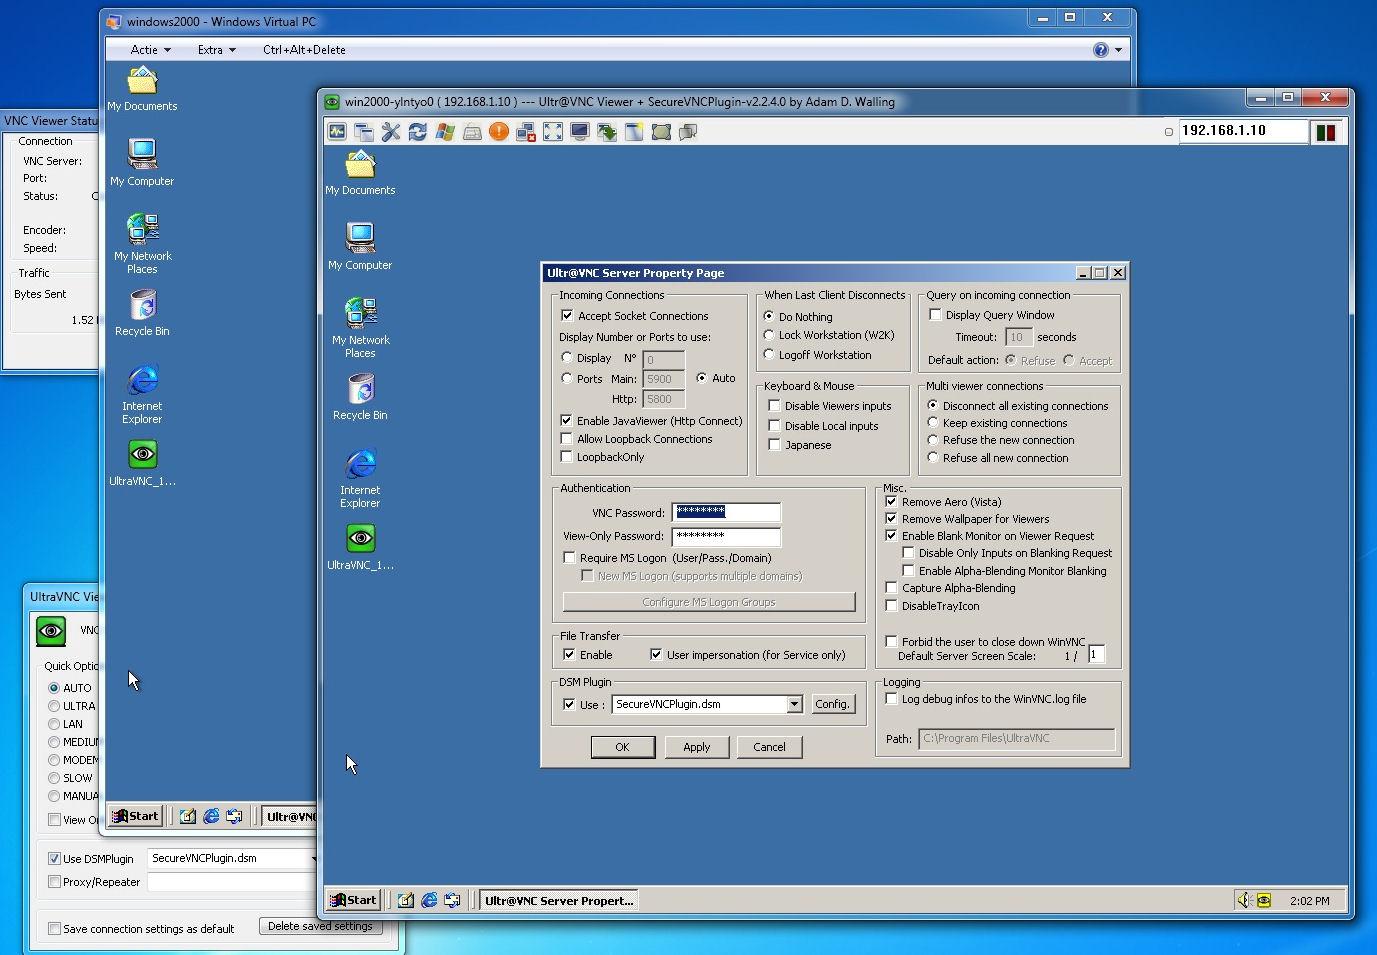 UltraVNC - Bilgisayarı Uzaktan Kontrol Etmek İçin 20 Program